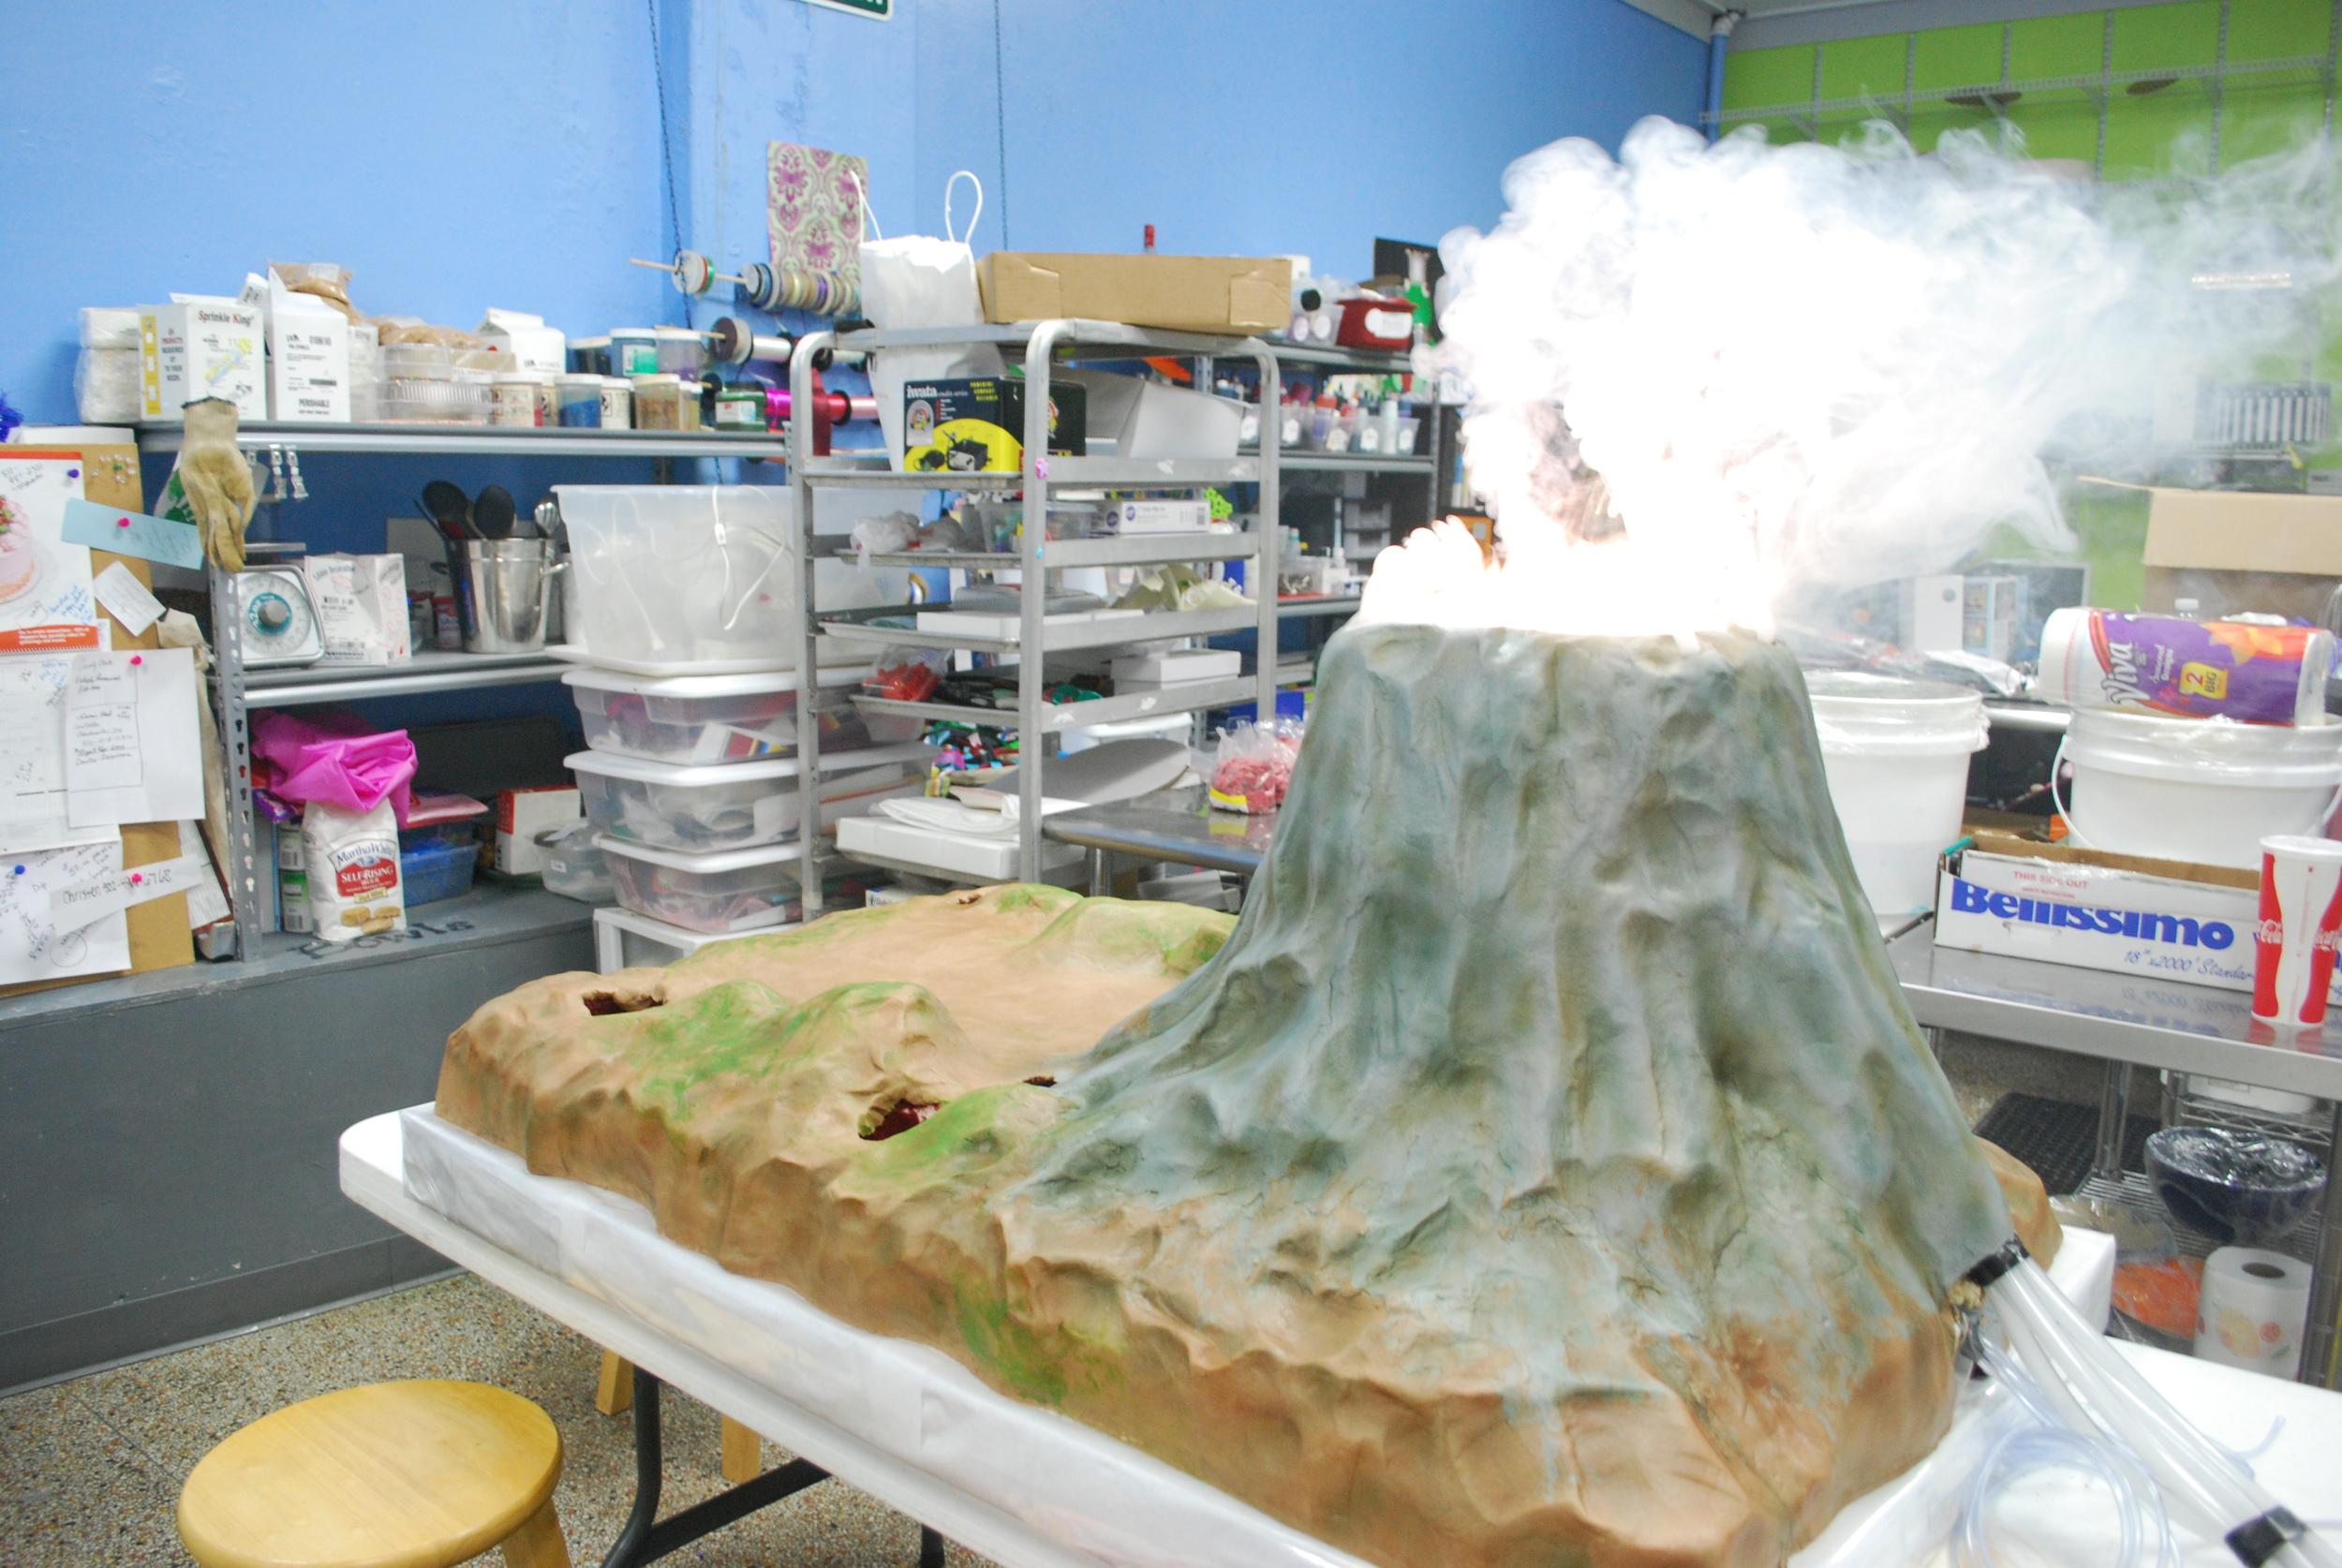 King's Island Dinosaurs Alive volcano cake in progress